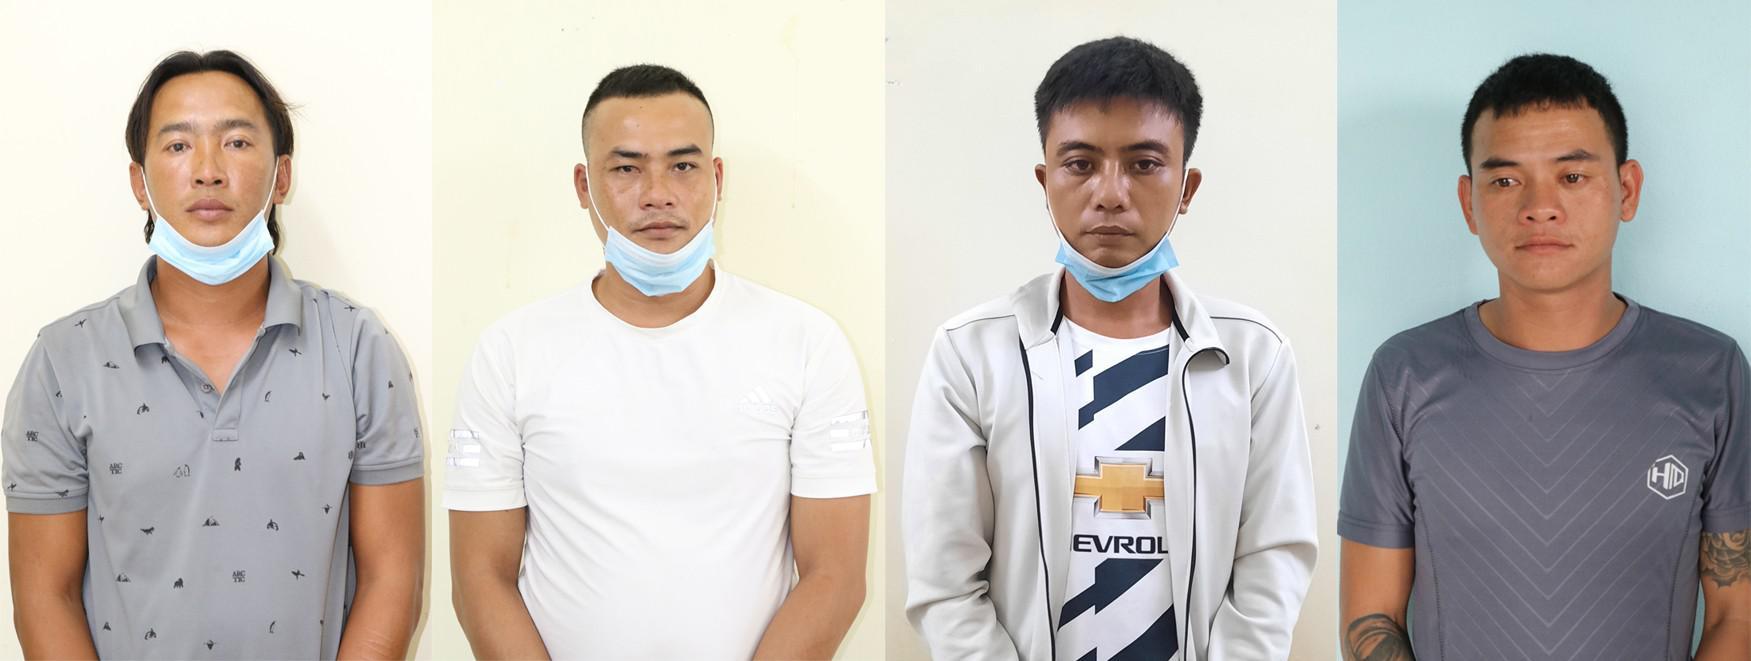 Hơn 100 cảnh sát vây bắt các đối tượng nghi vấn cưỡng đoạt tài sản ngư dân